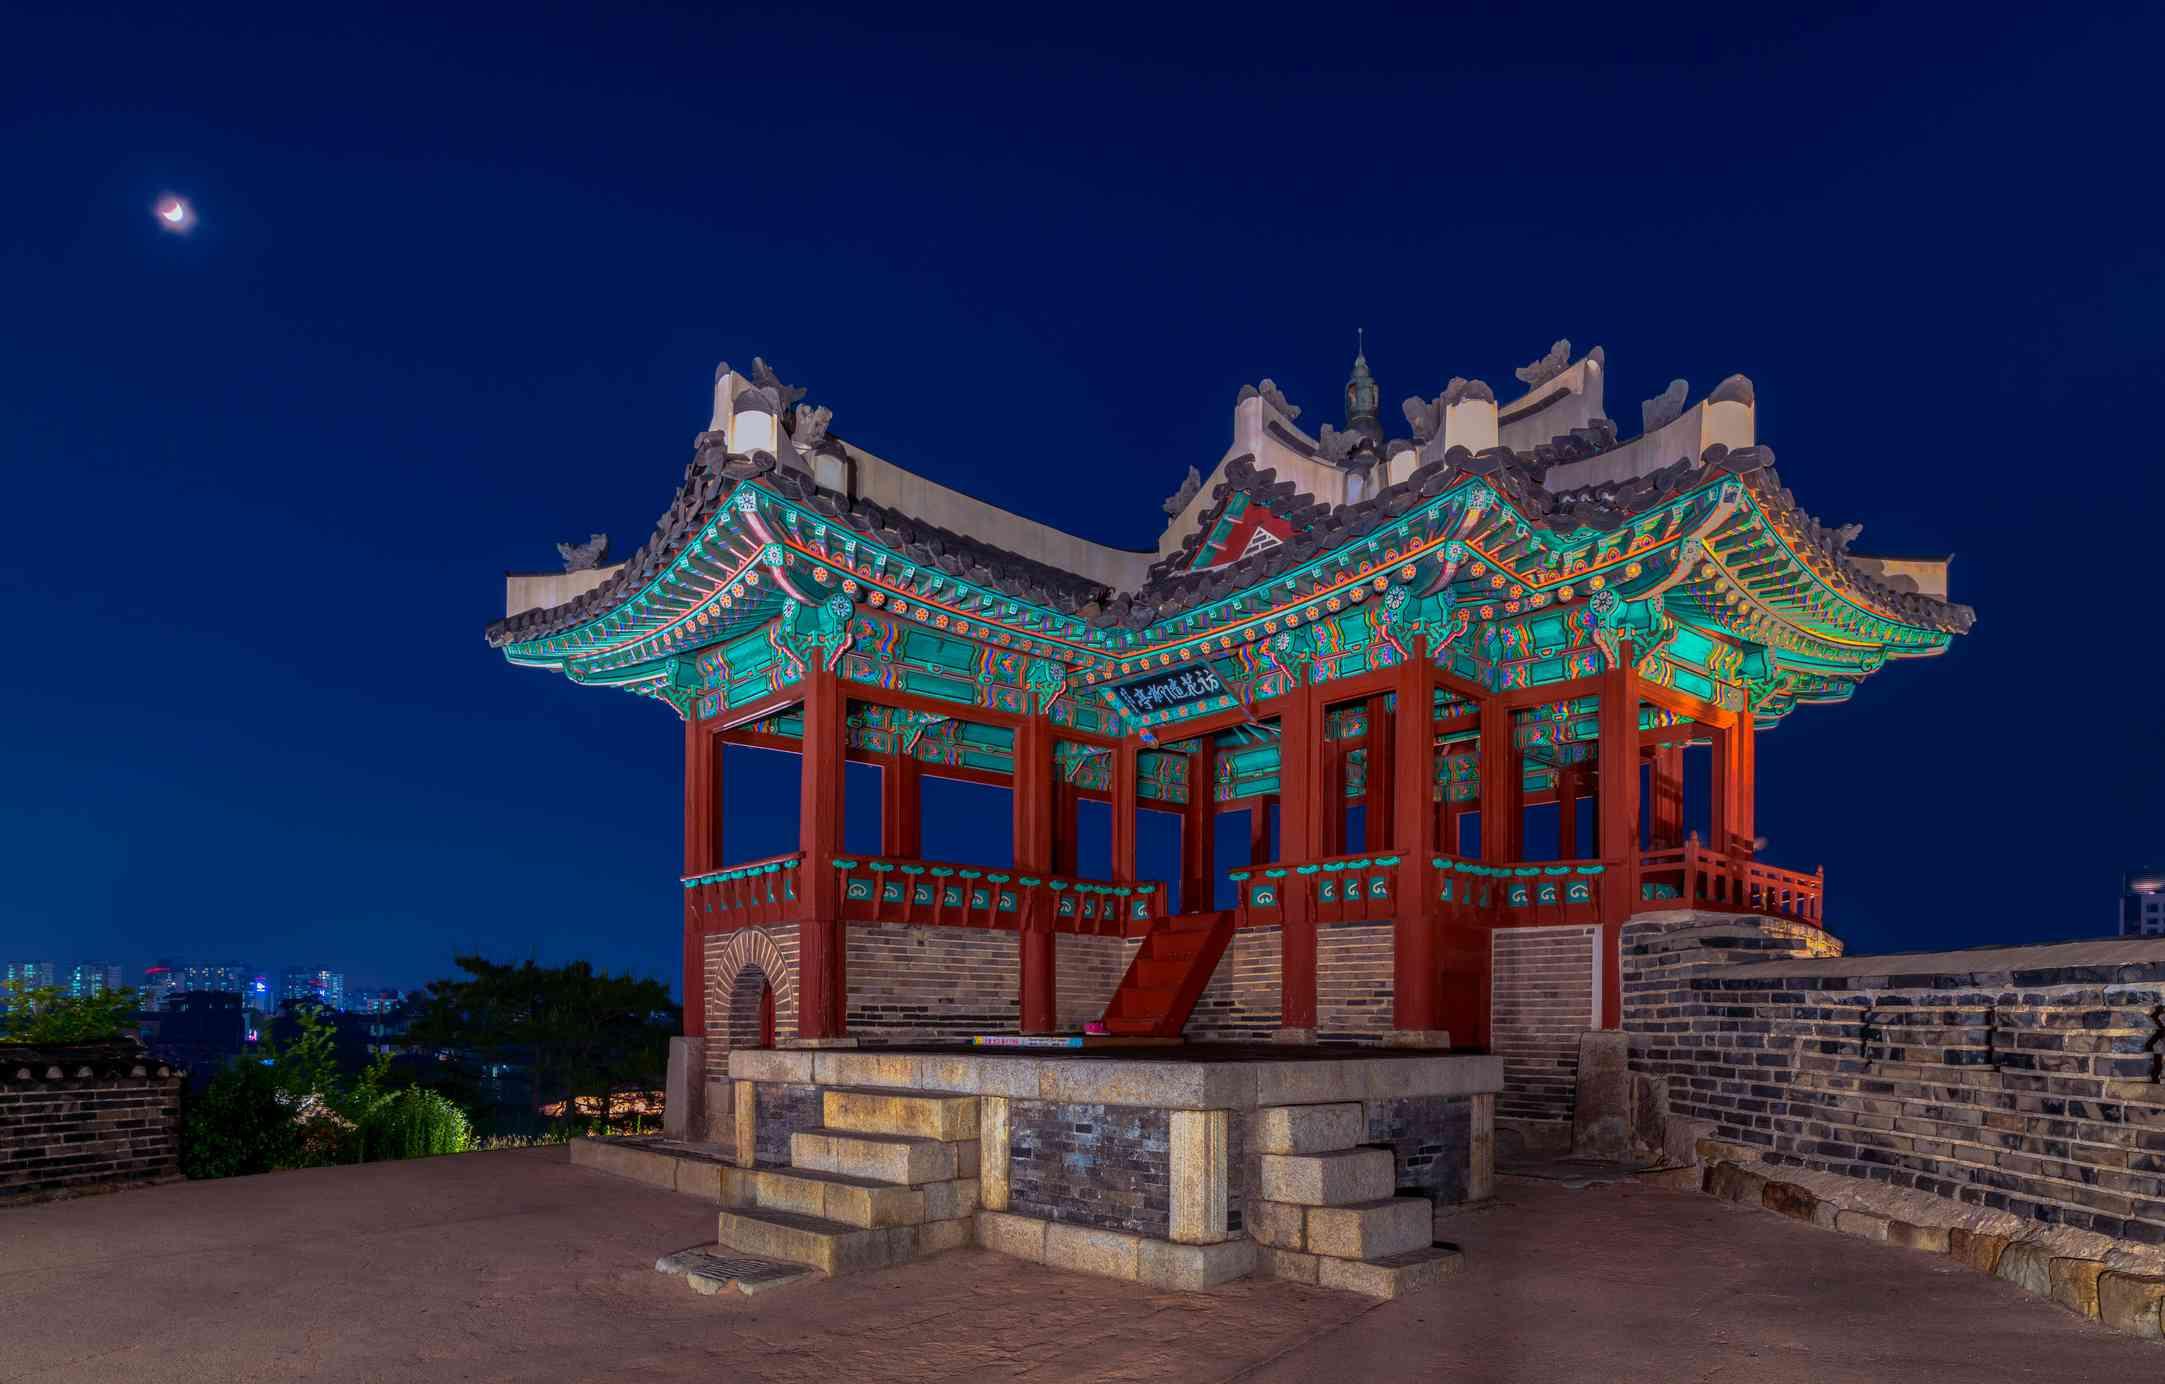 Hwaseong fortress in Suwon, South Korea at night.